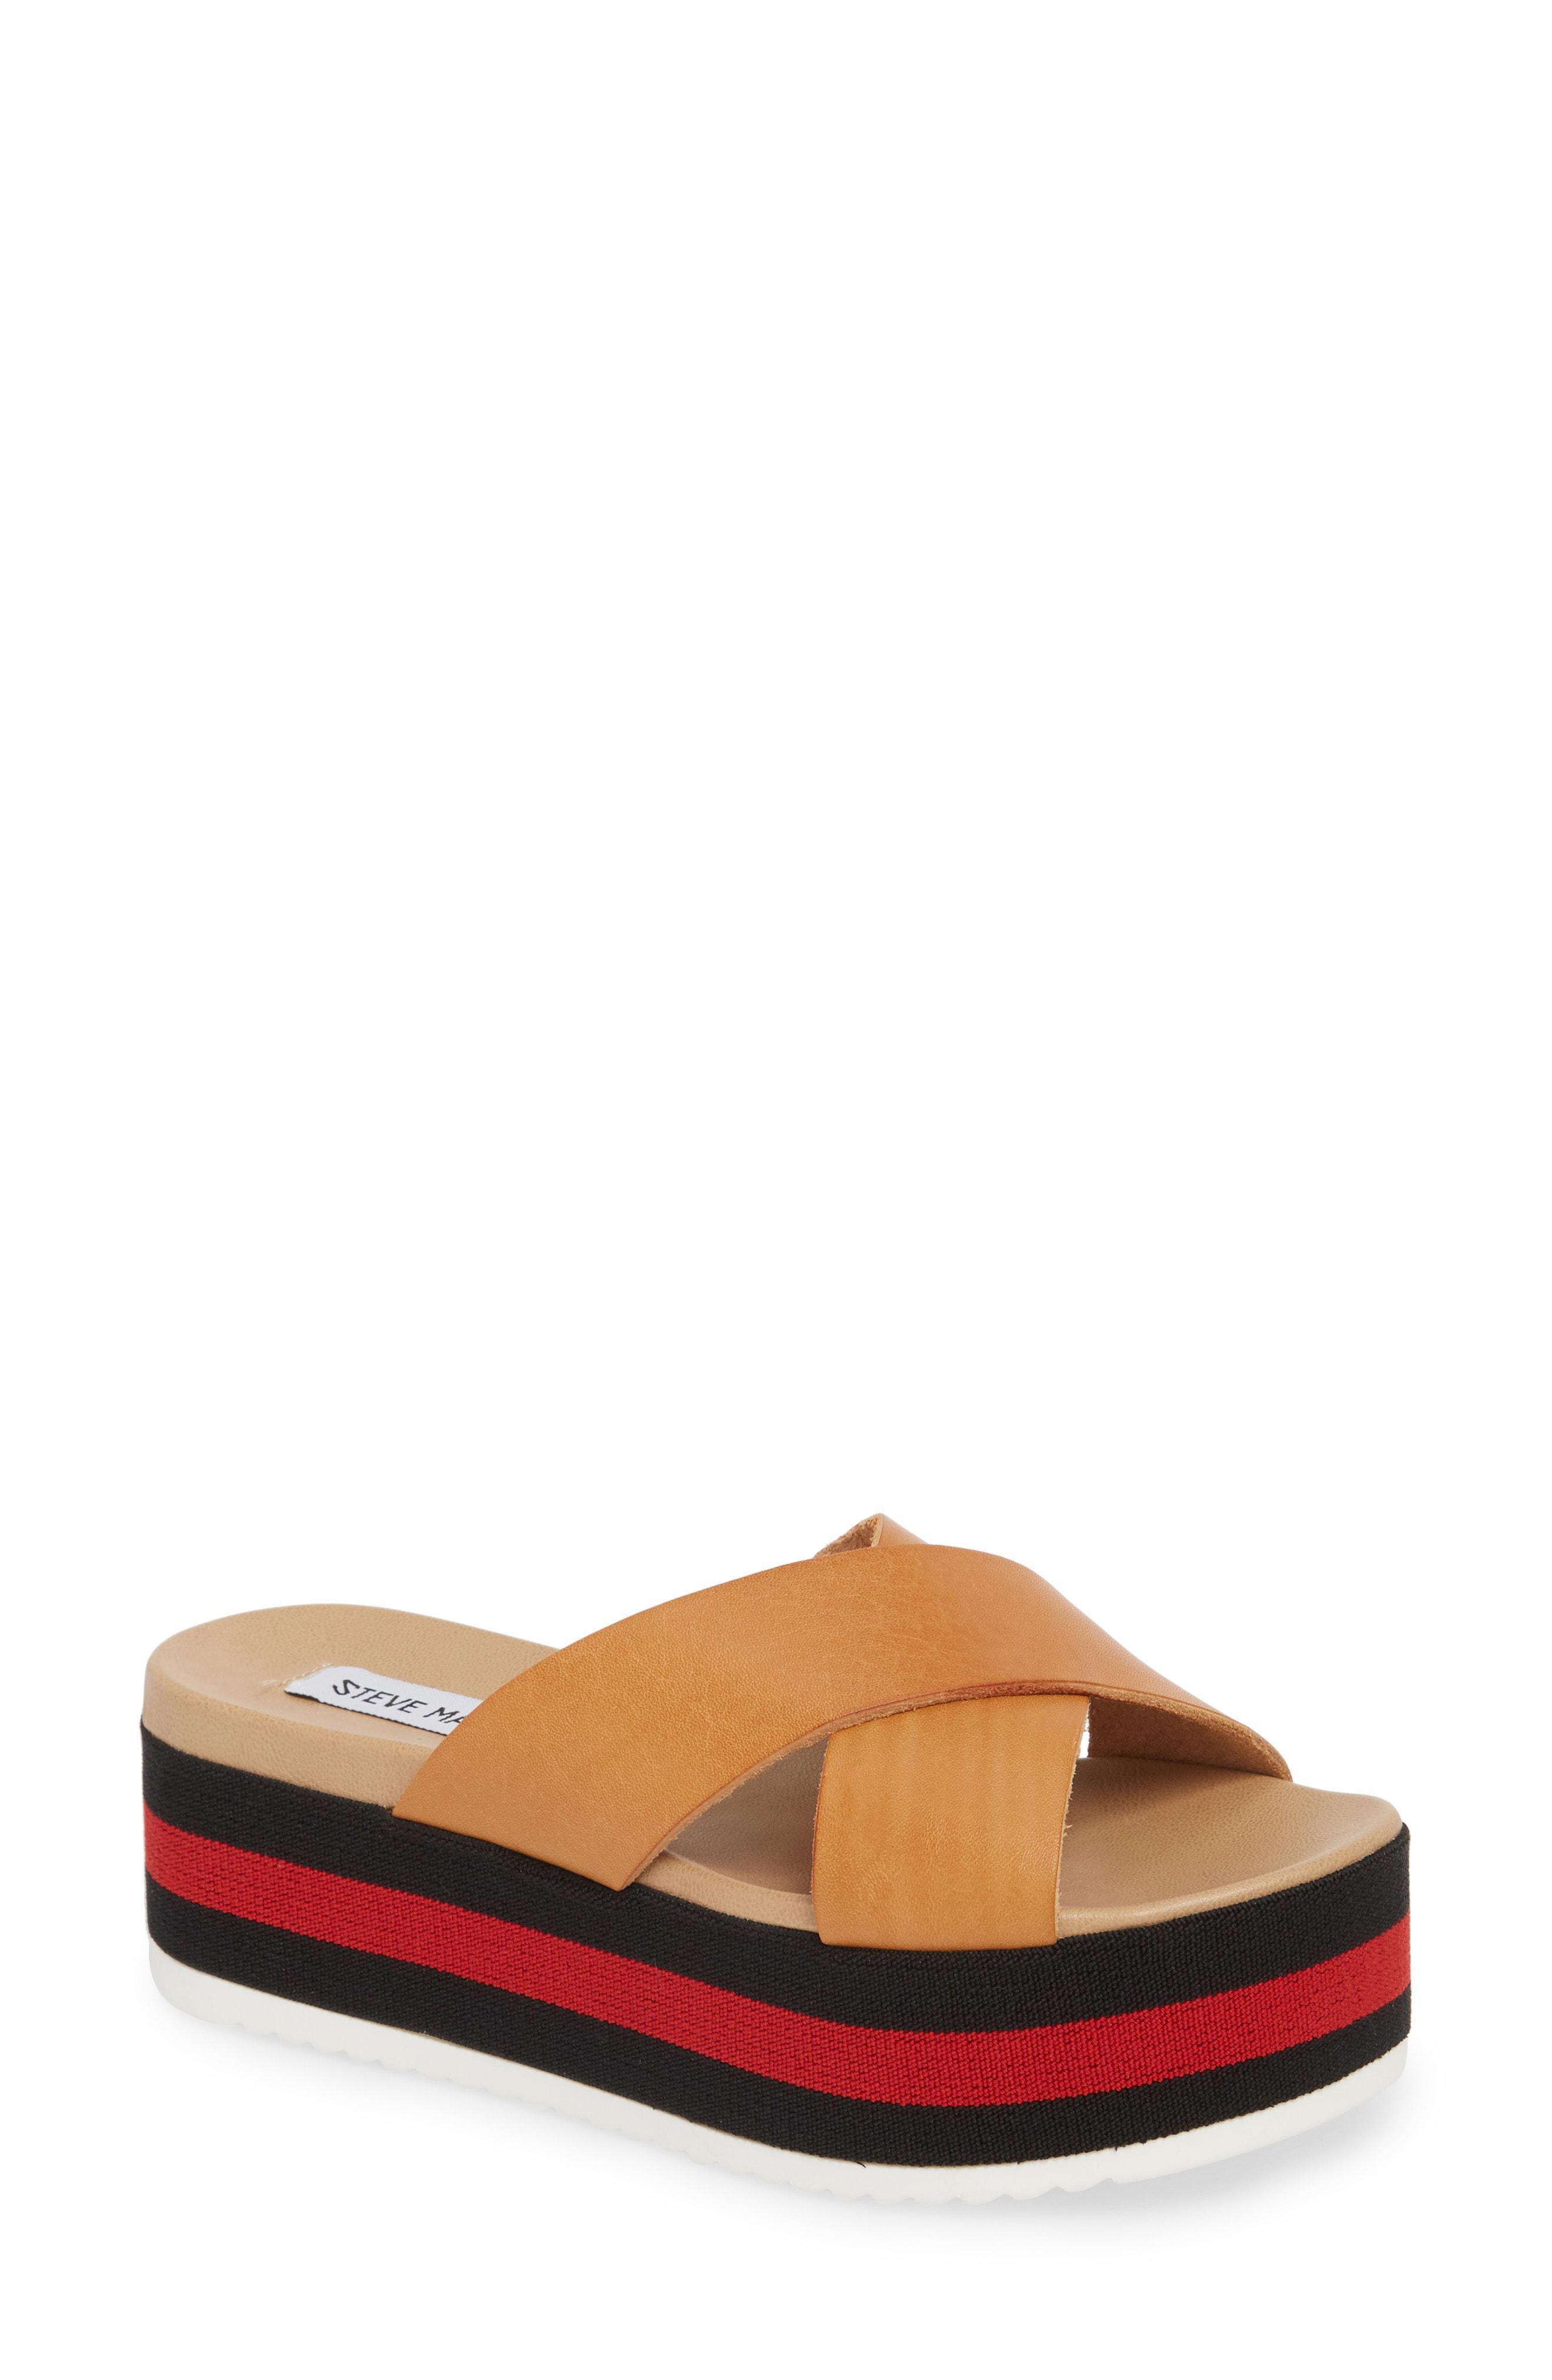 5b4cfd6e8b3 Lyst - Steve Madden Asher Slide Sandal in Brown